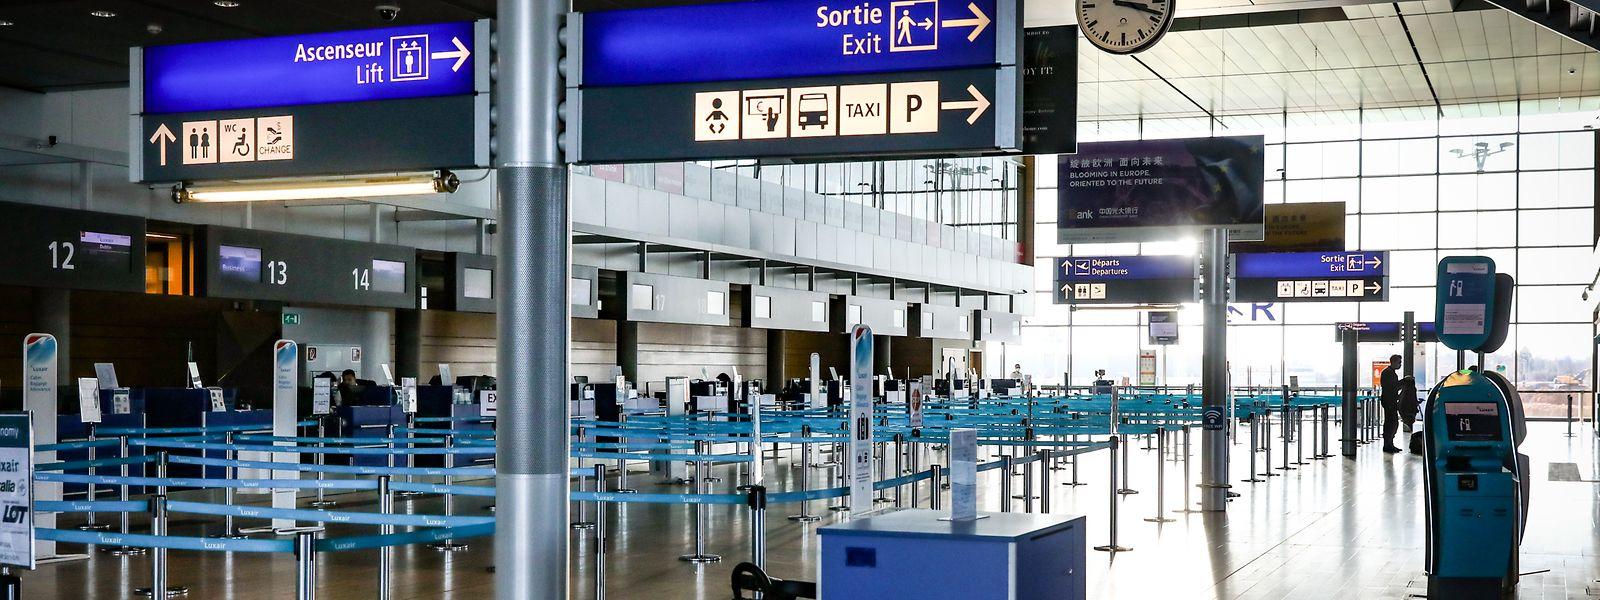 Nichts los: Alle Aktivitäten sind am Flughafen Findel eingestellt.